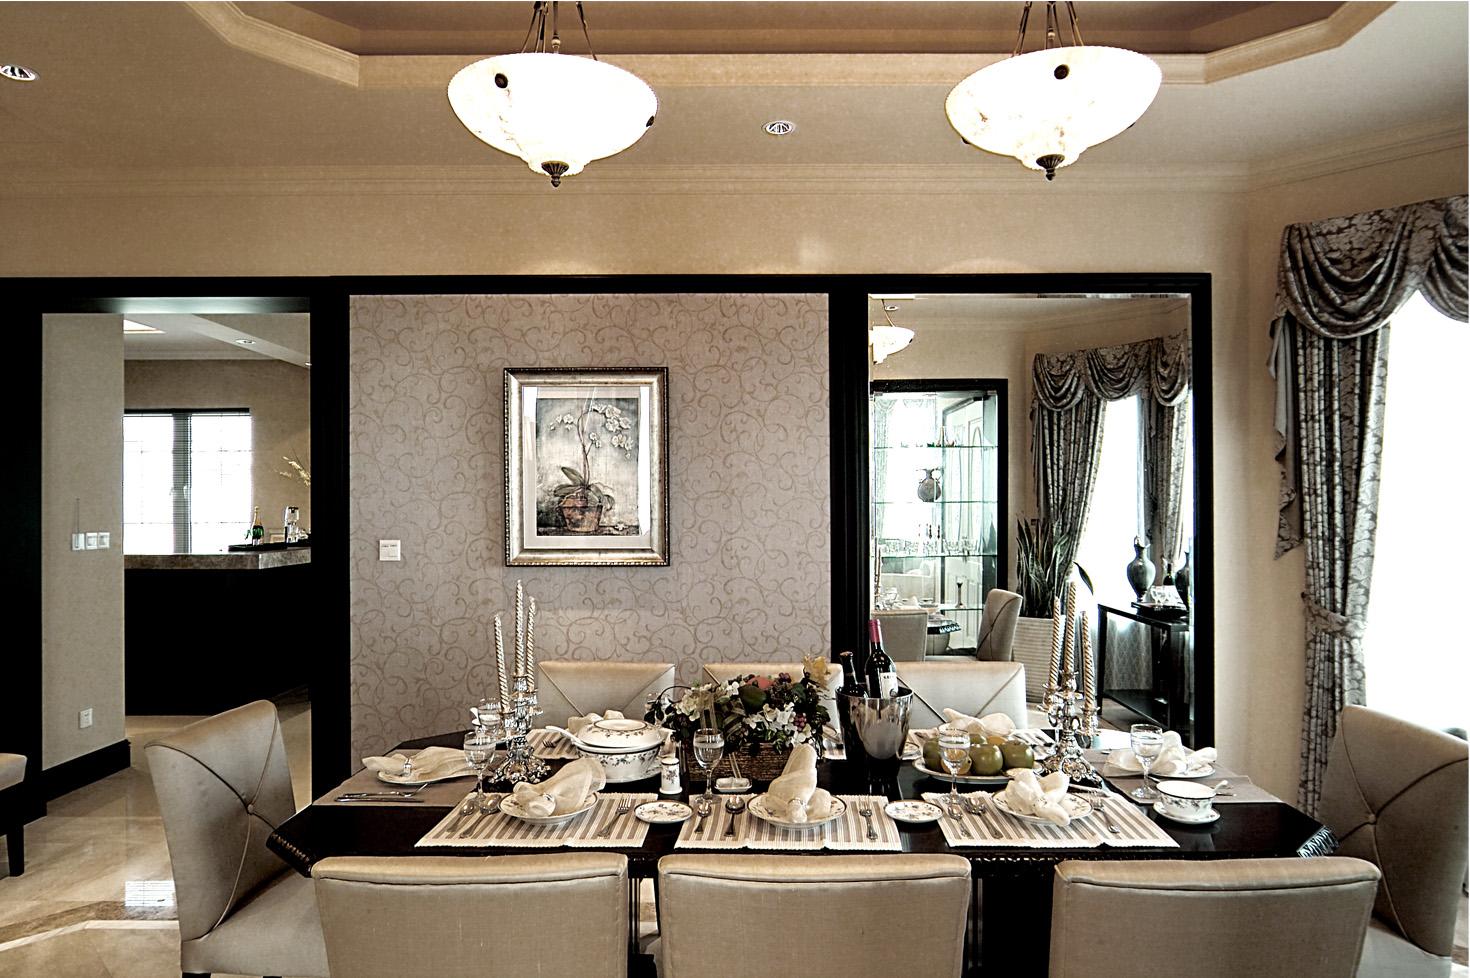 简约 地中海 现代 别墅 80后 餐厅图片来自孟庆莹在混搭风格之中建红杉溪谷的分享